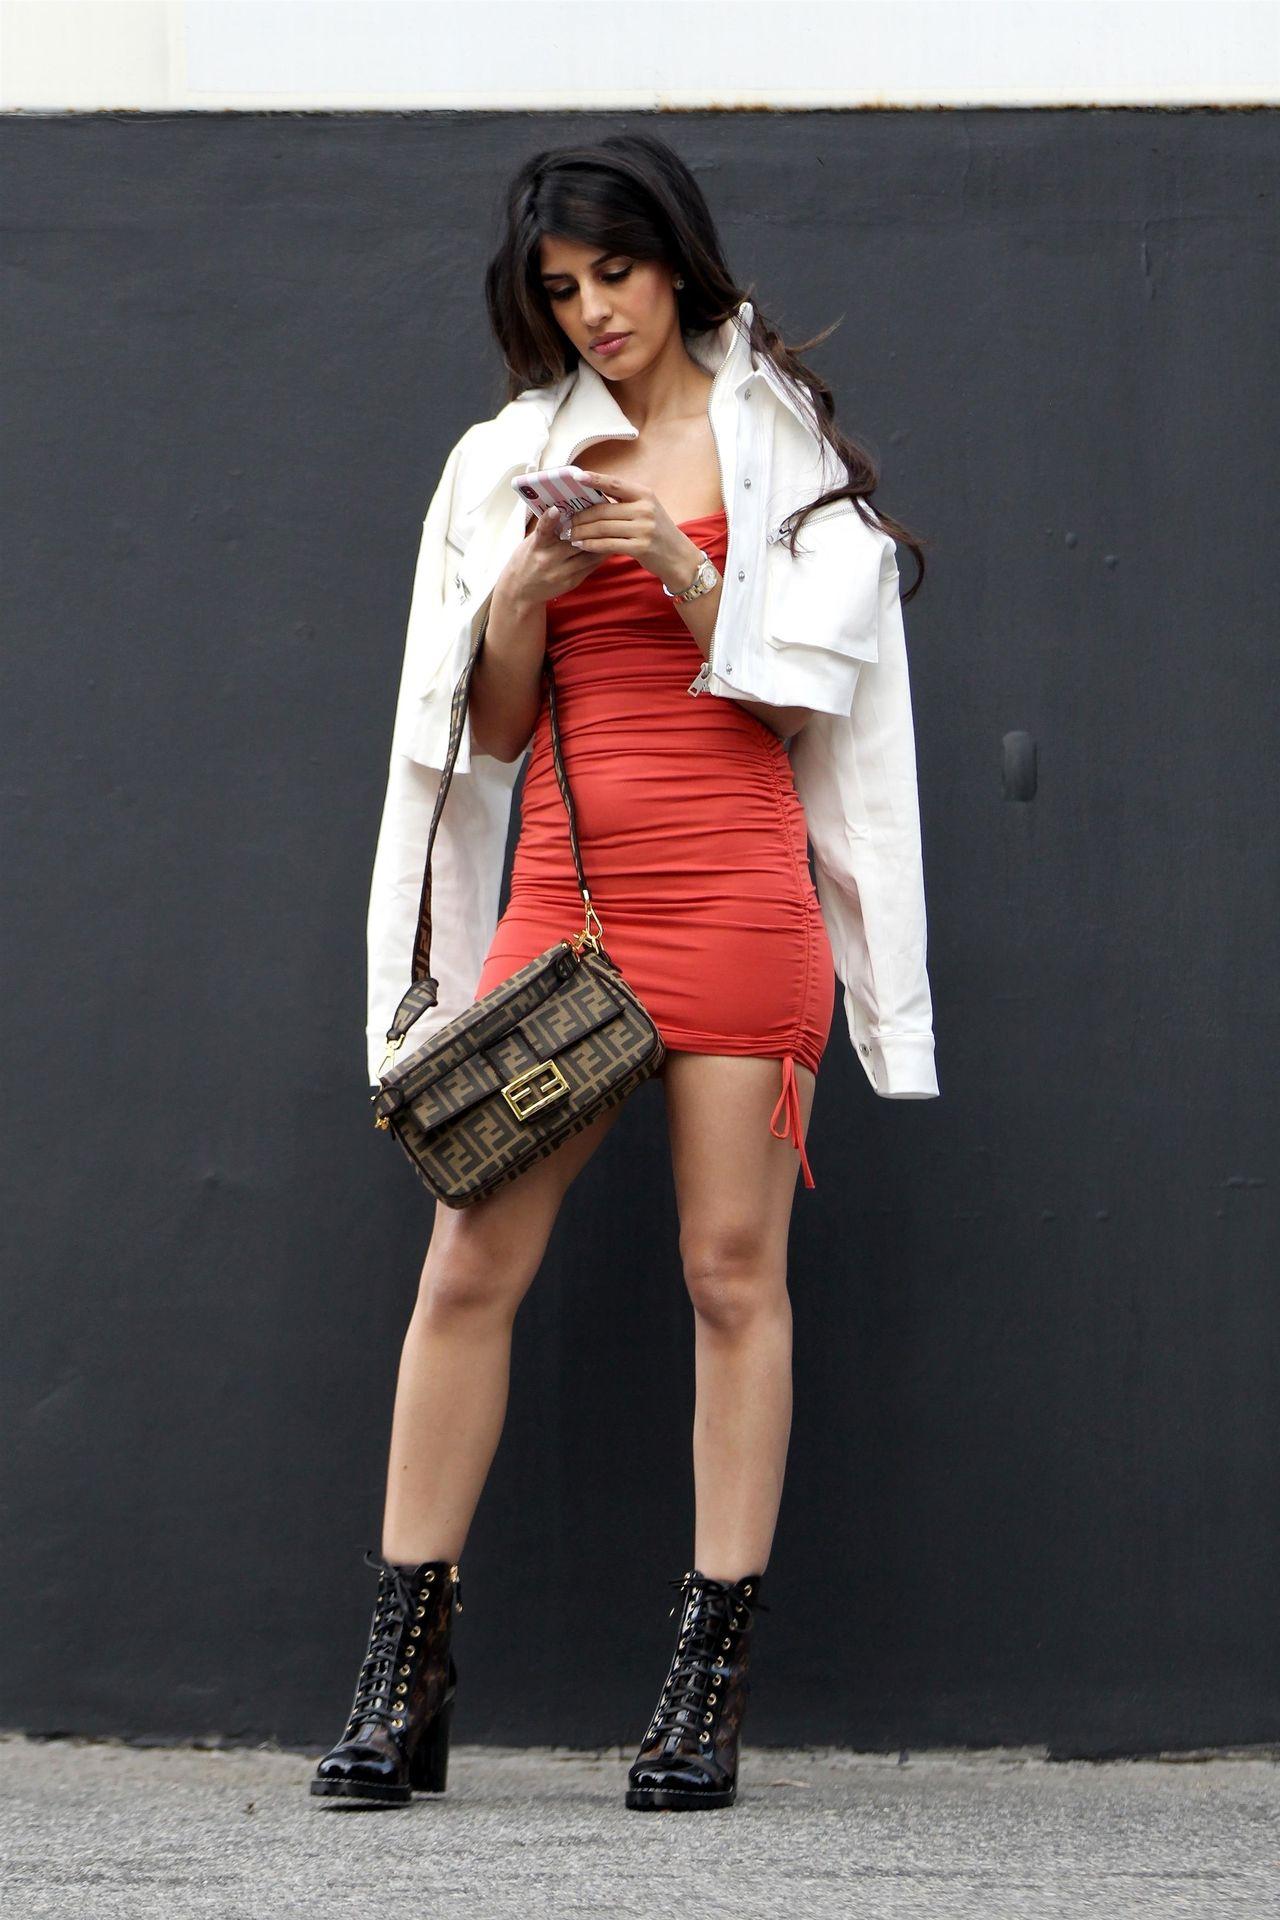 Sexy Jasmin Walia Starts Her Week At La Studio 0008